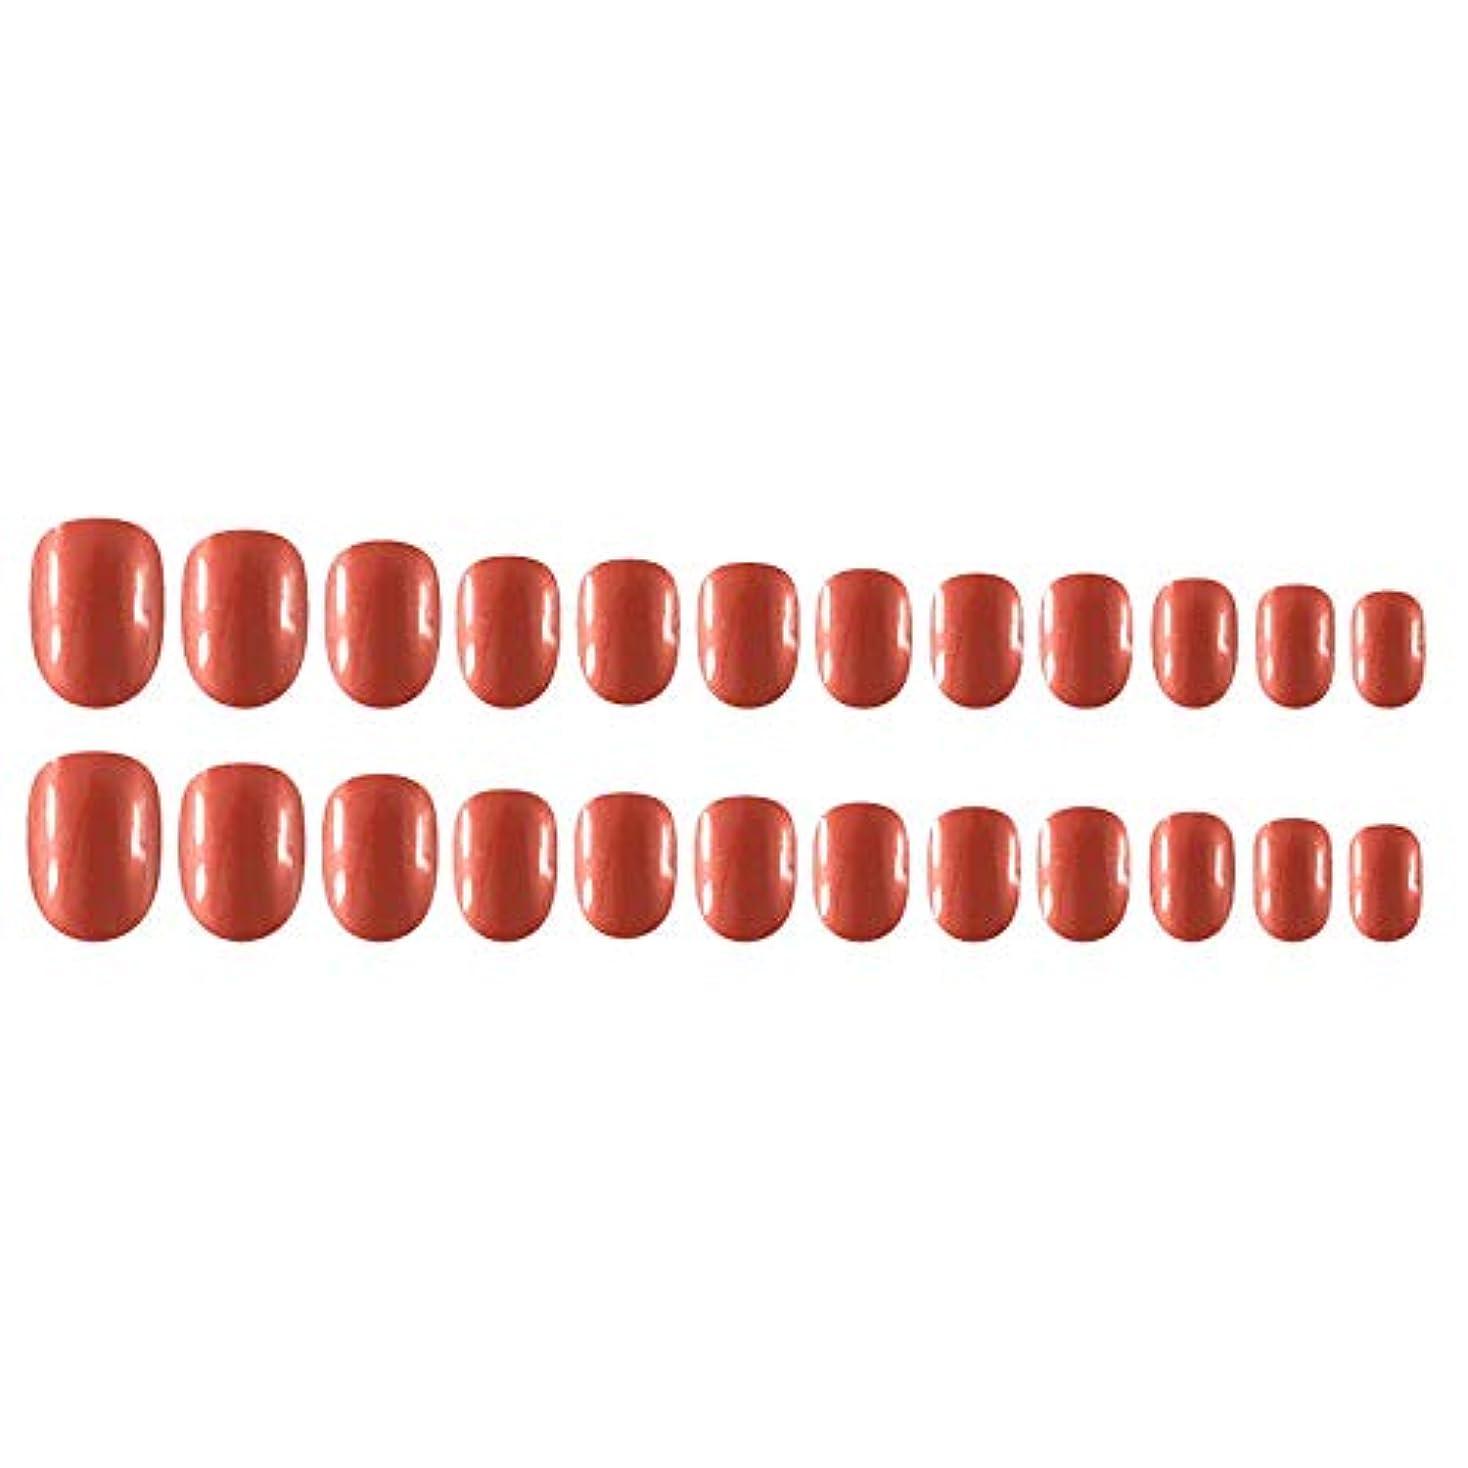 散文レタッチピービッシュDecdeal Decdeal ネイルチップ 24ピース 12異なるサイズ diy サロン ネイルアートツール 偽